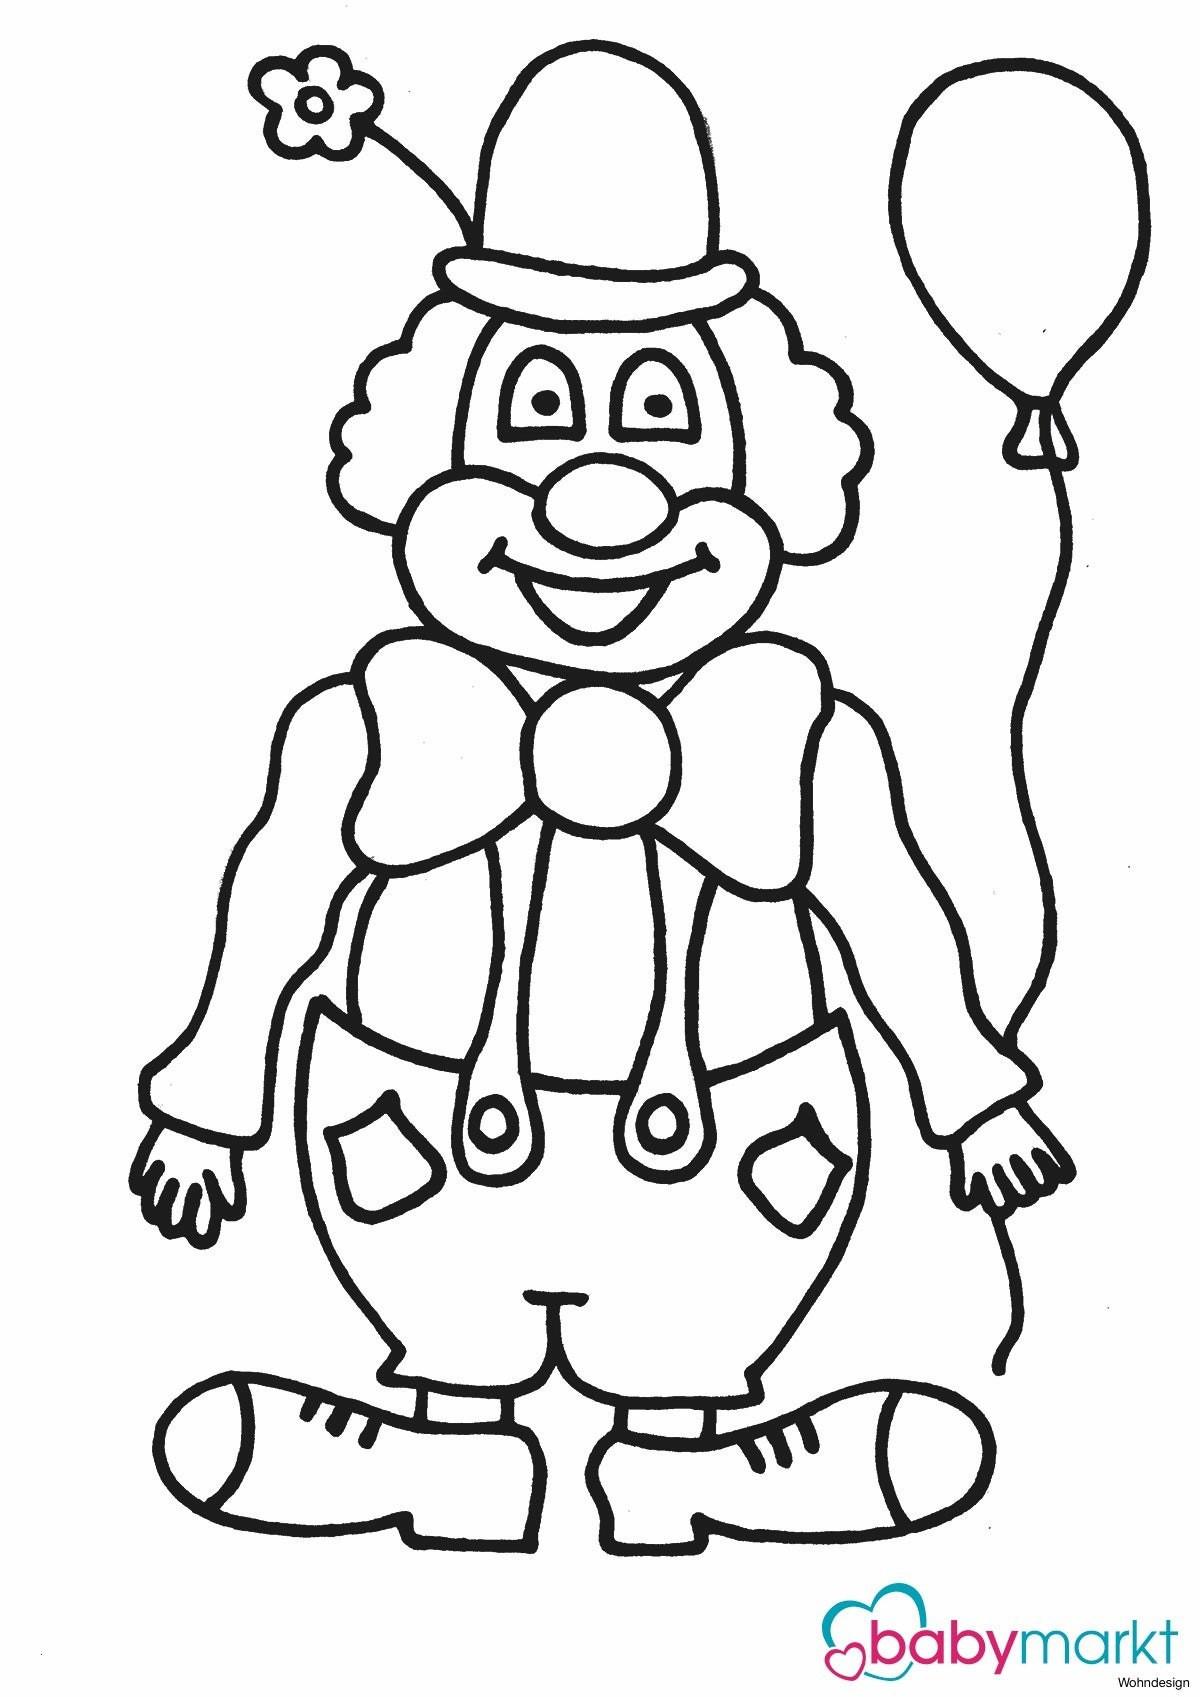 Clowns Zum Ausmalen Inspirierend Malvorlagen Clown Inspirierend 40 Clown Ausmalbilder Ausdrucken Bilder